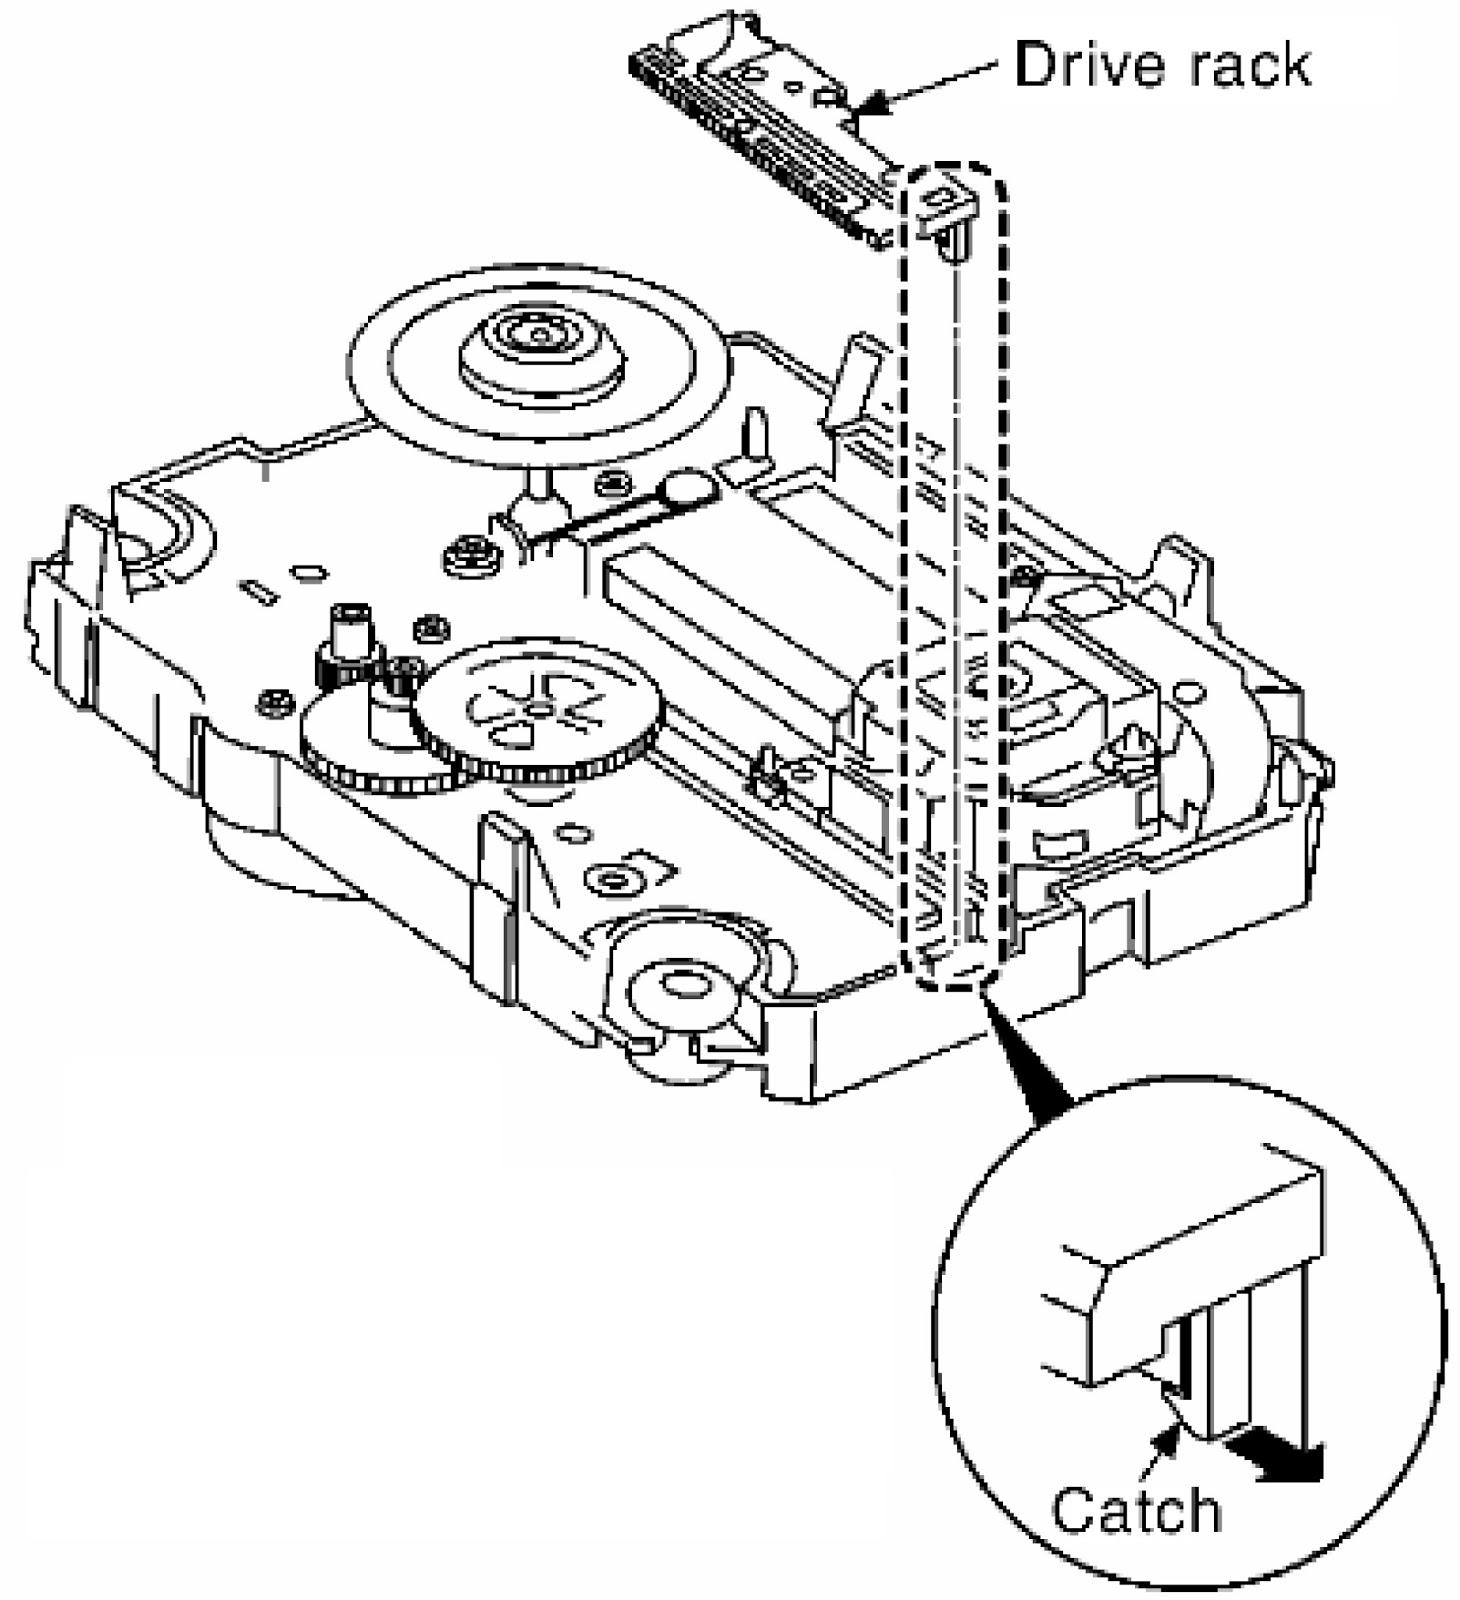 Electro help: PANASONIC SA-AK240GCP